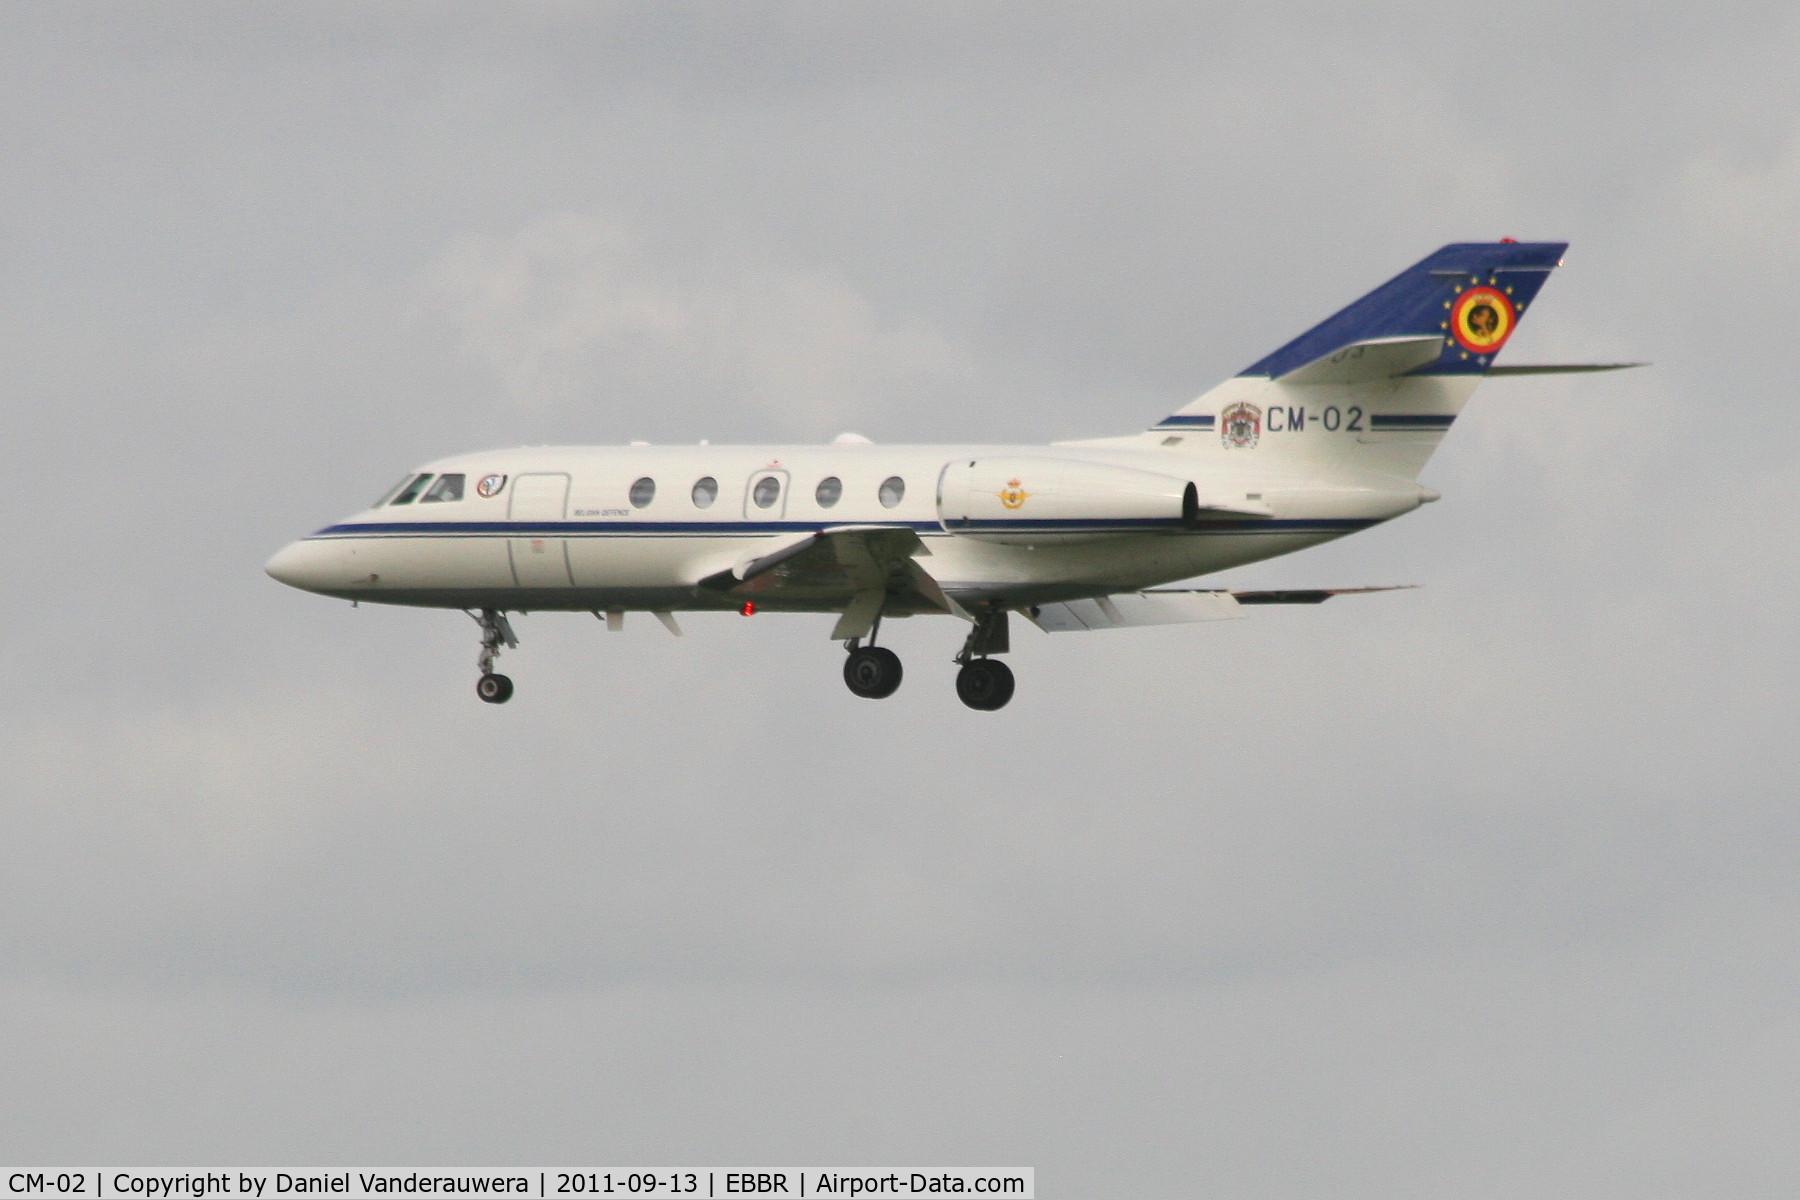 CM-02, Dassault Falcon (Mystere) 20E C/N 278, Descending to RWY 25L